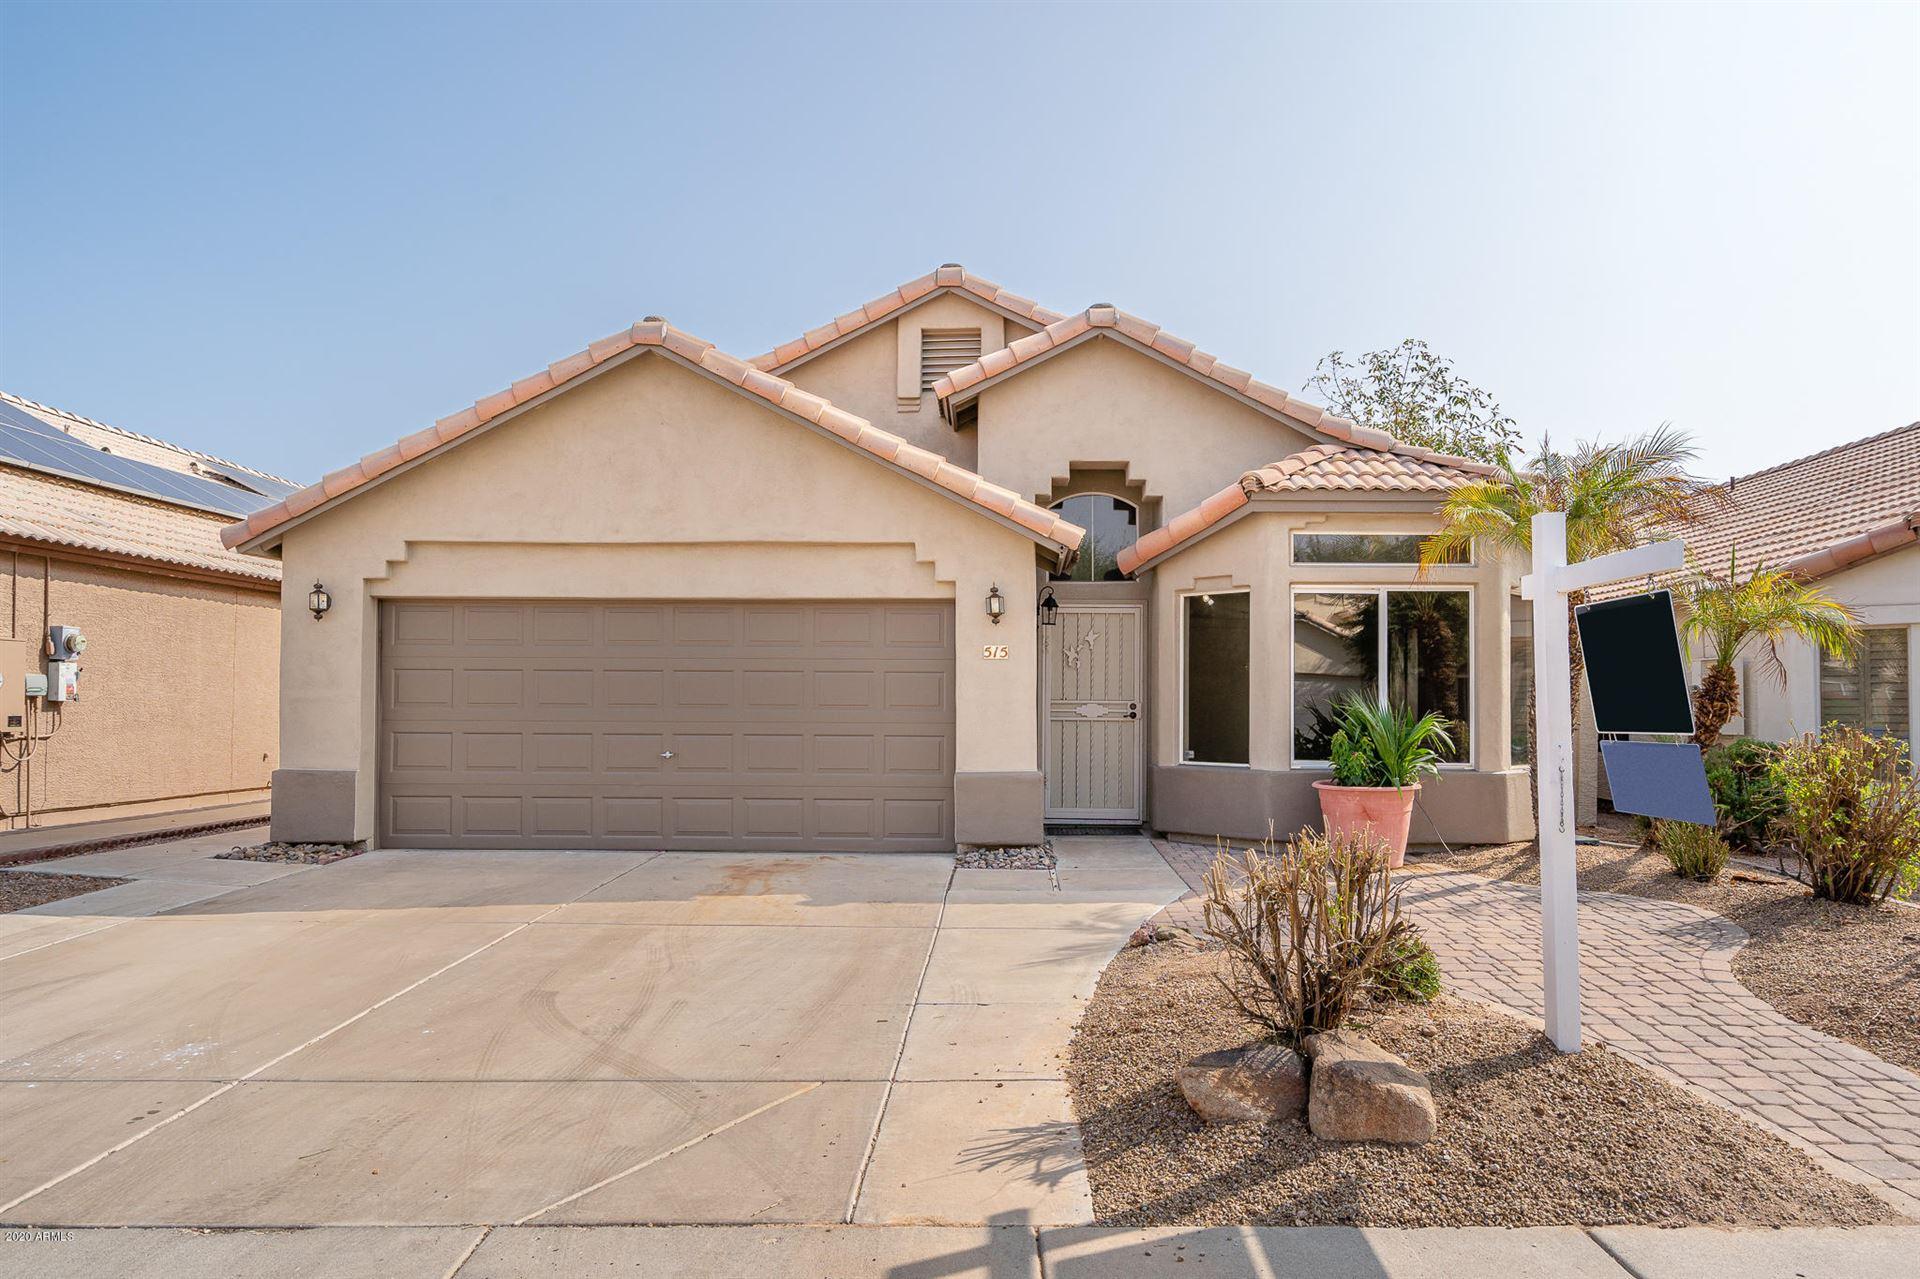 515 W KELTON Lane, Phoenix, AZ 85023 - MLS#: 6134381